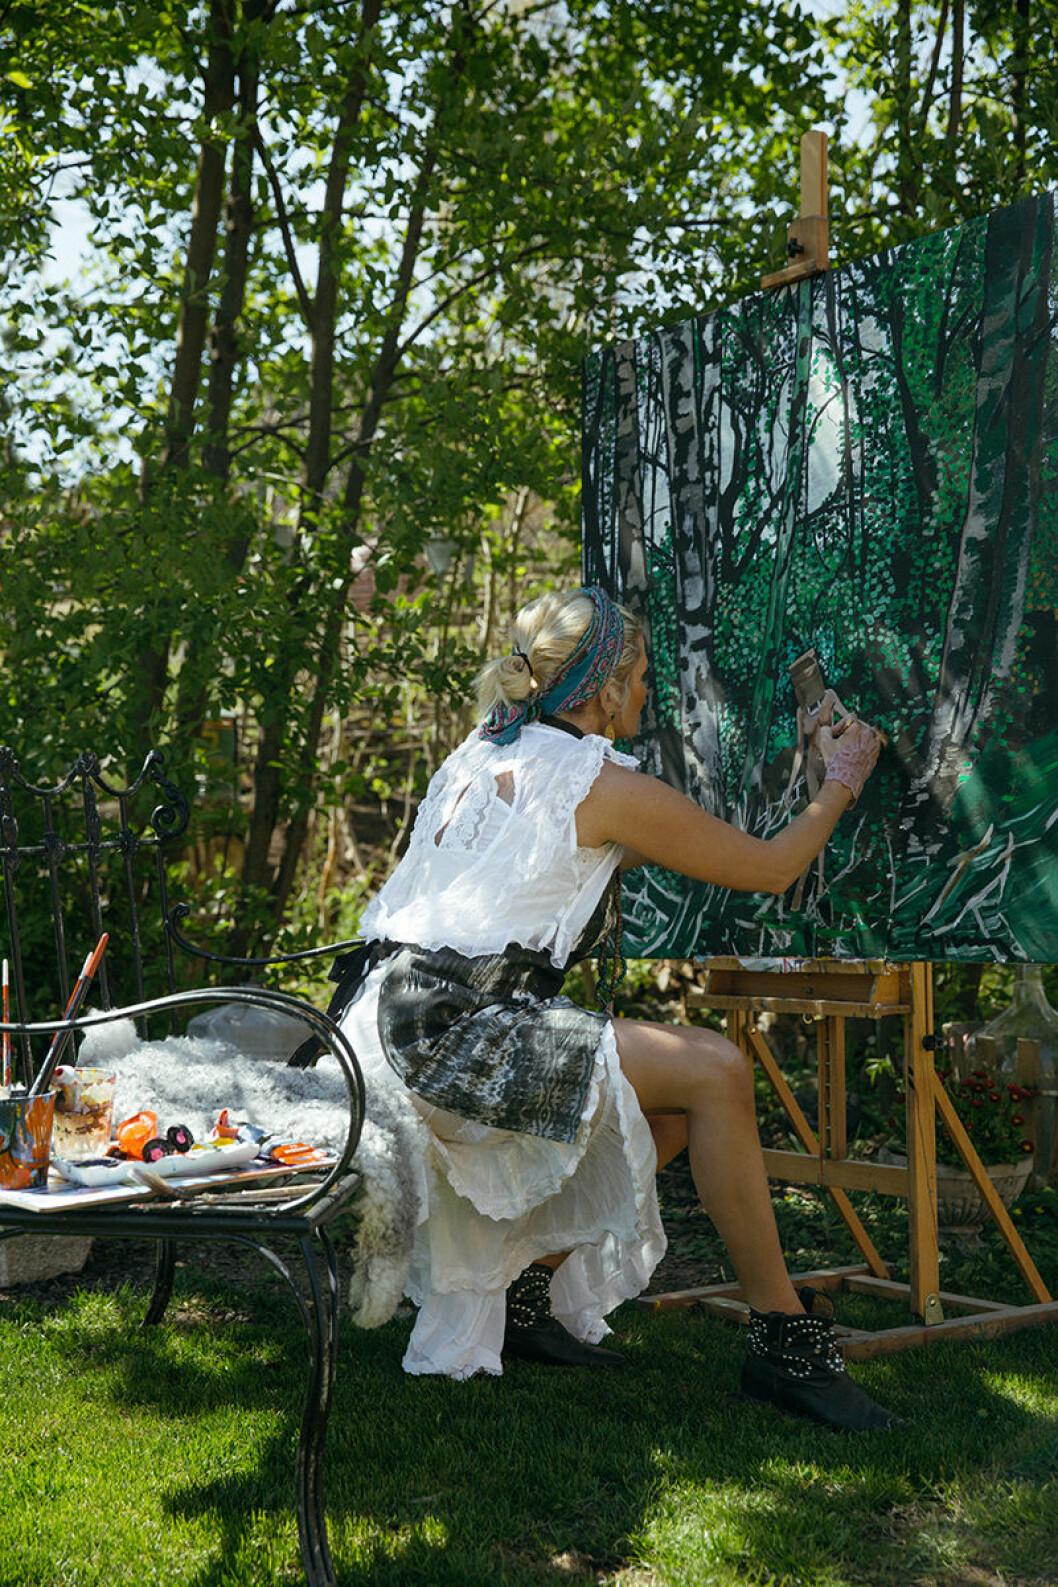 carolina gynning art therapy